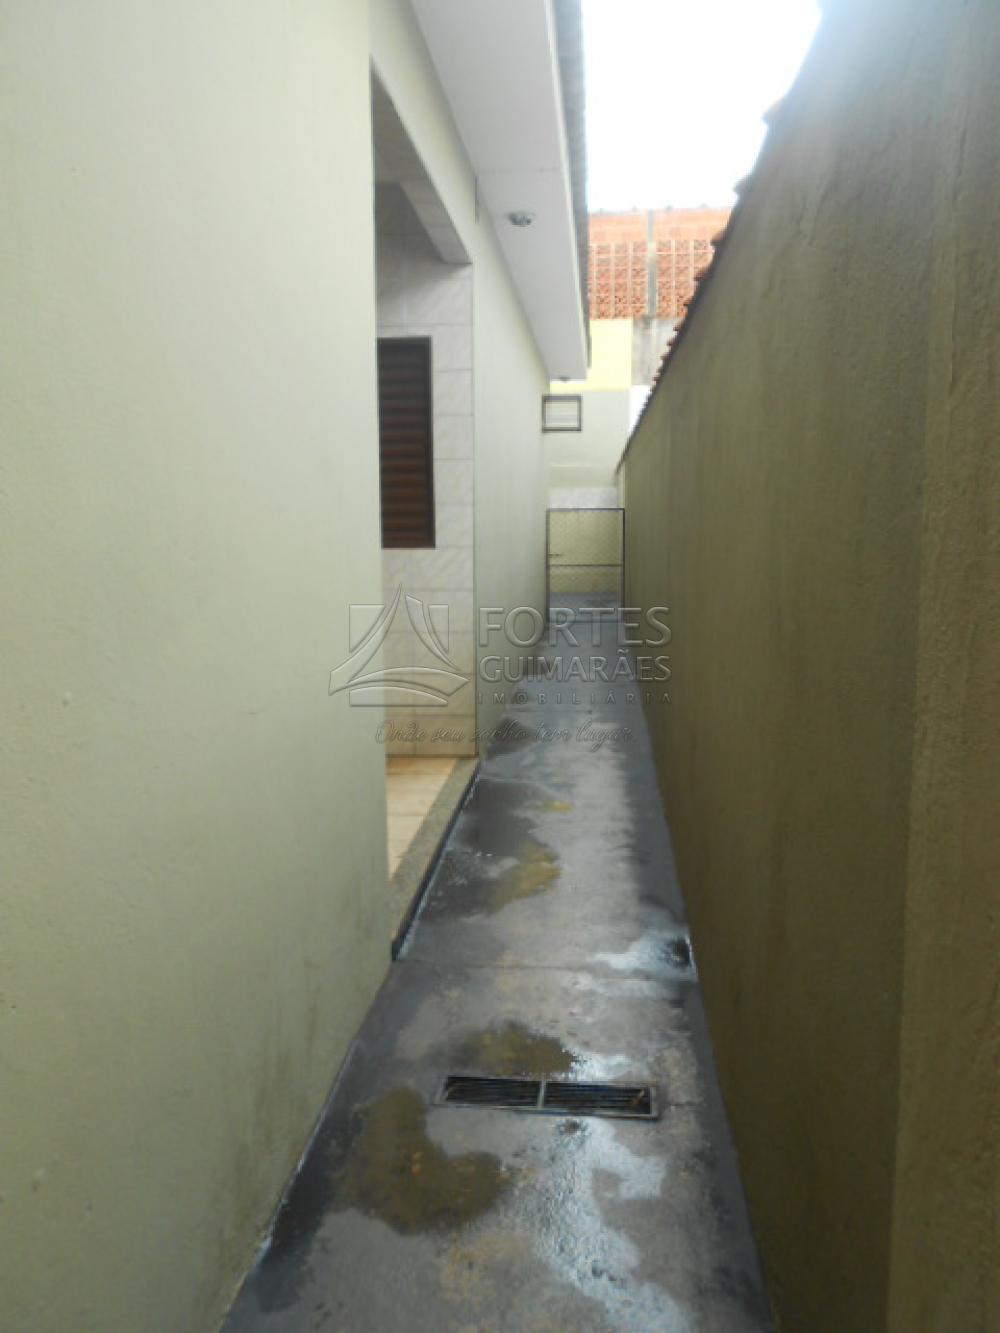 Alugar Casas / Padrão em Ribeirão Preto apenas R$ 950,00 - Foto 28